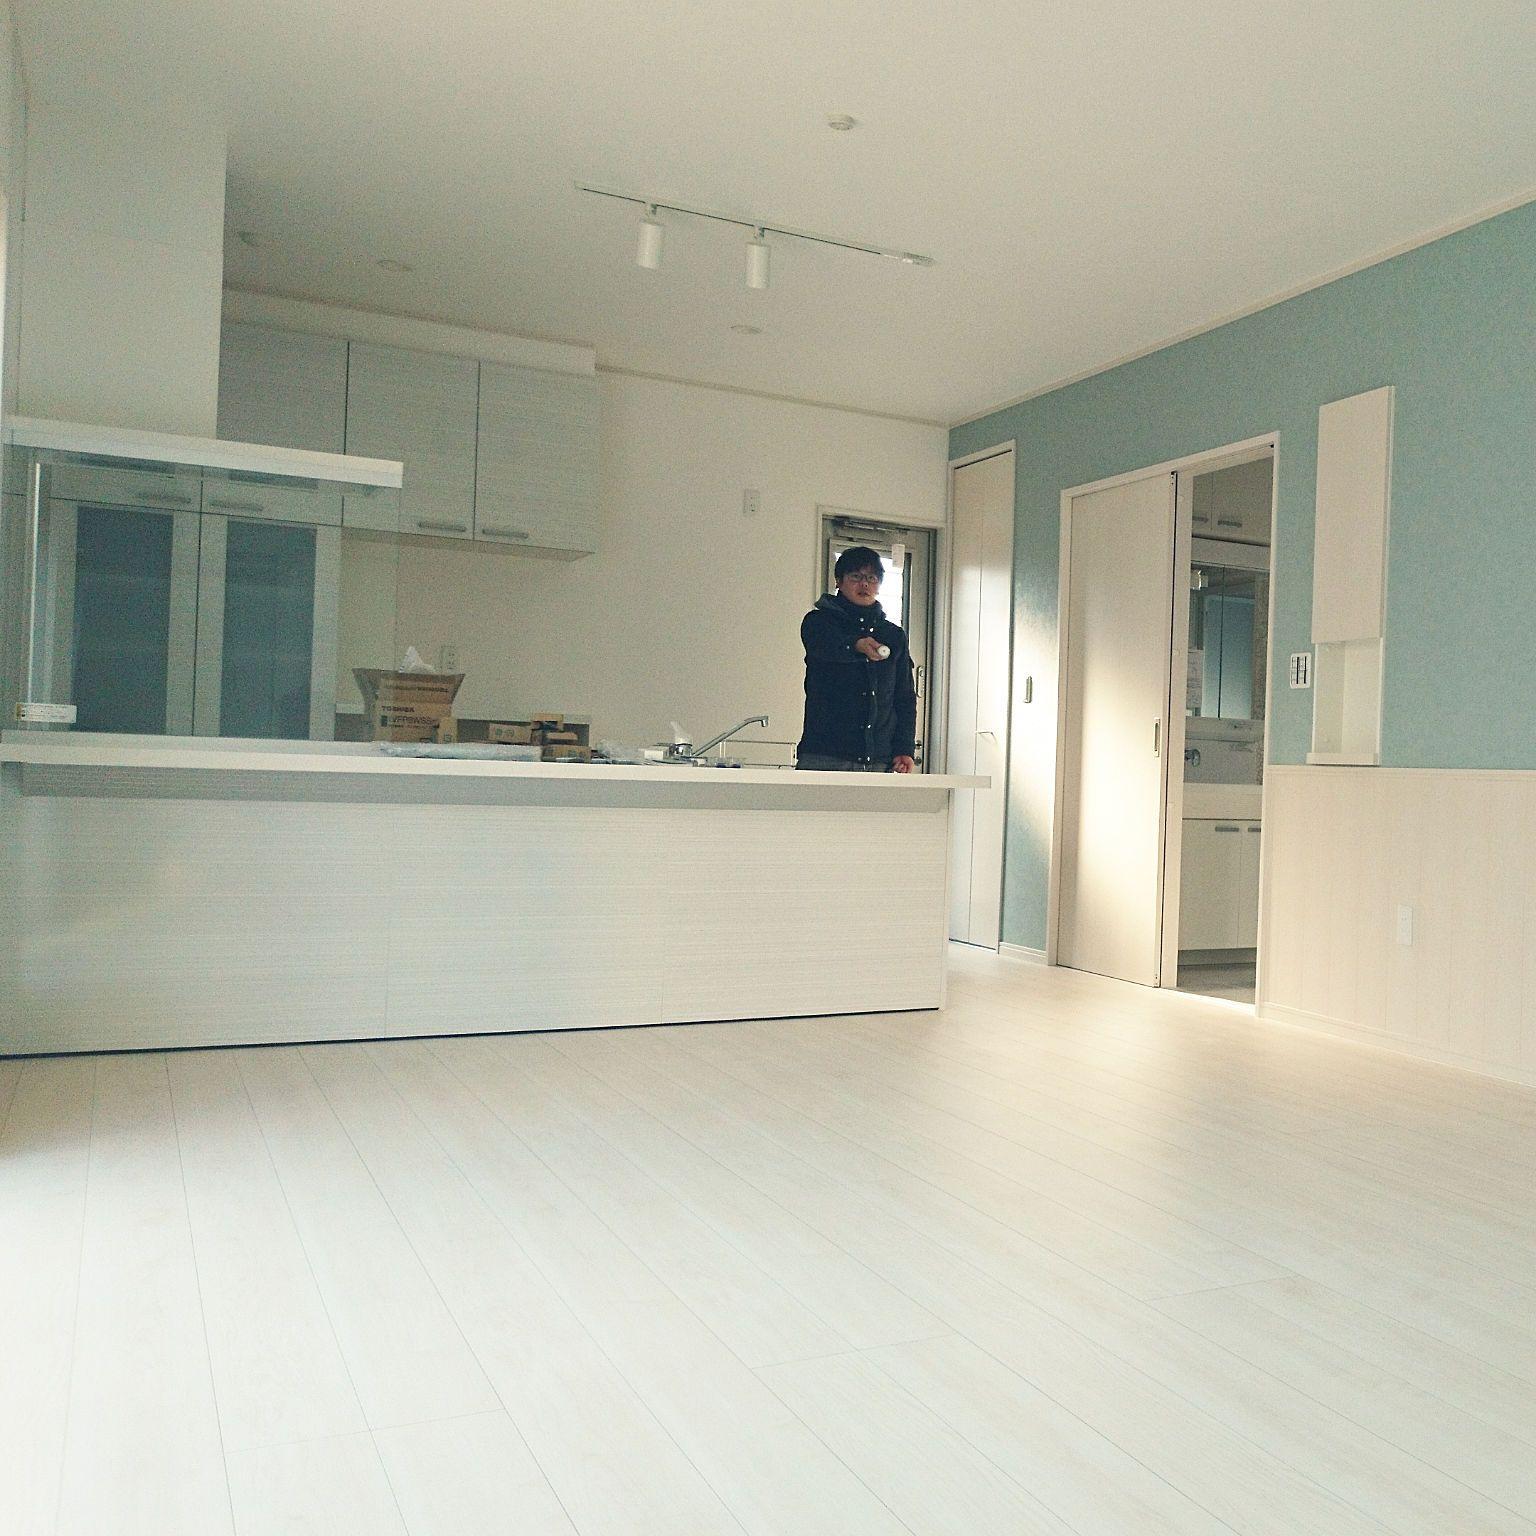 キッチン 注文住宅 白い床 白フローリング Lixilキッチン などの